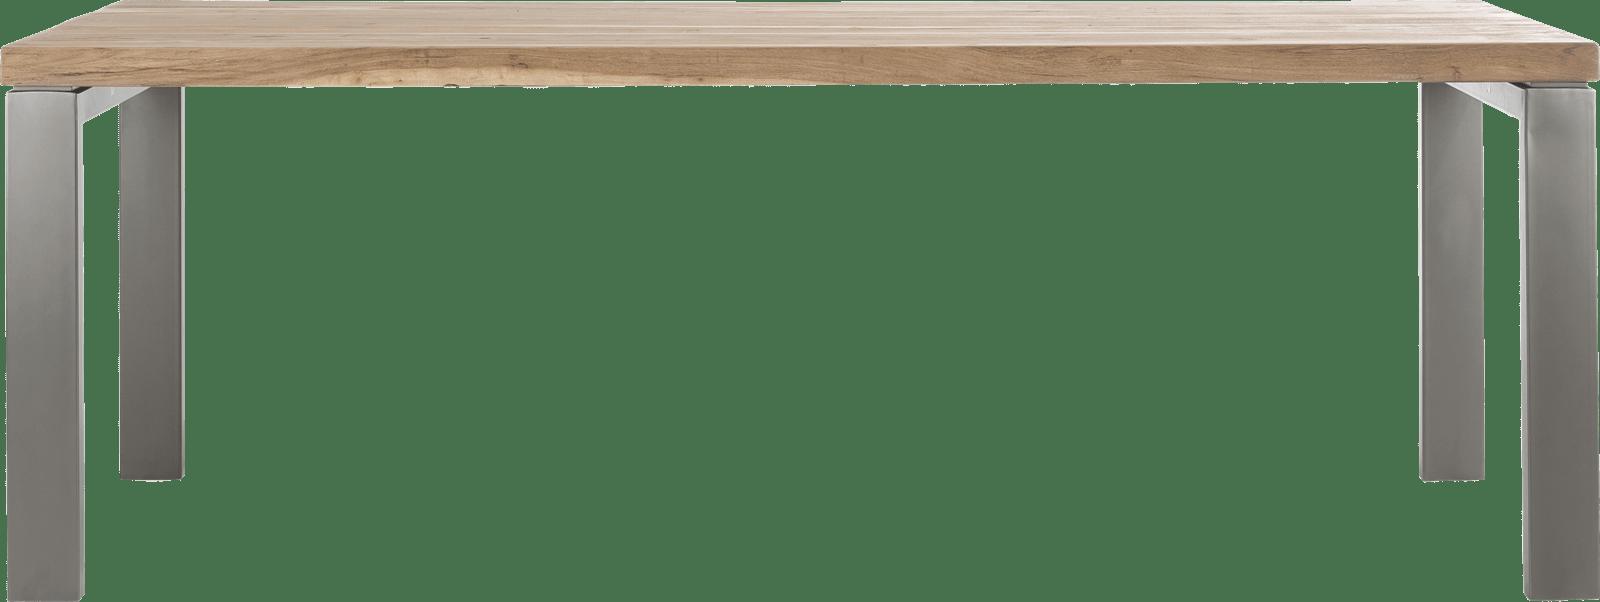 Garda - eetkamertafel 220 x 100 cm - u-onderstel